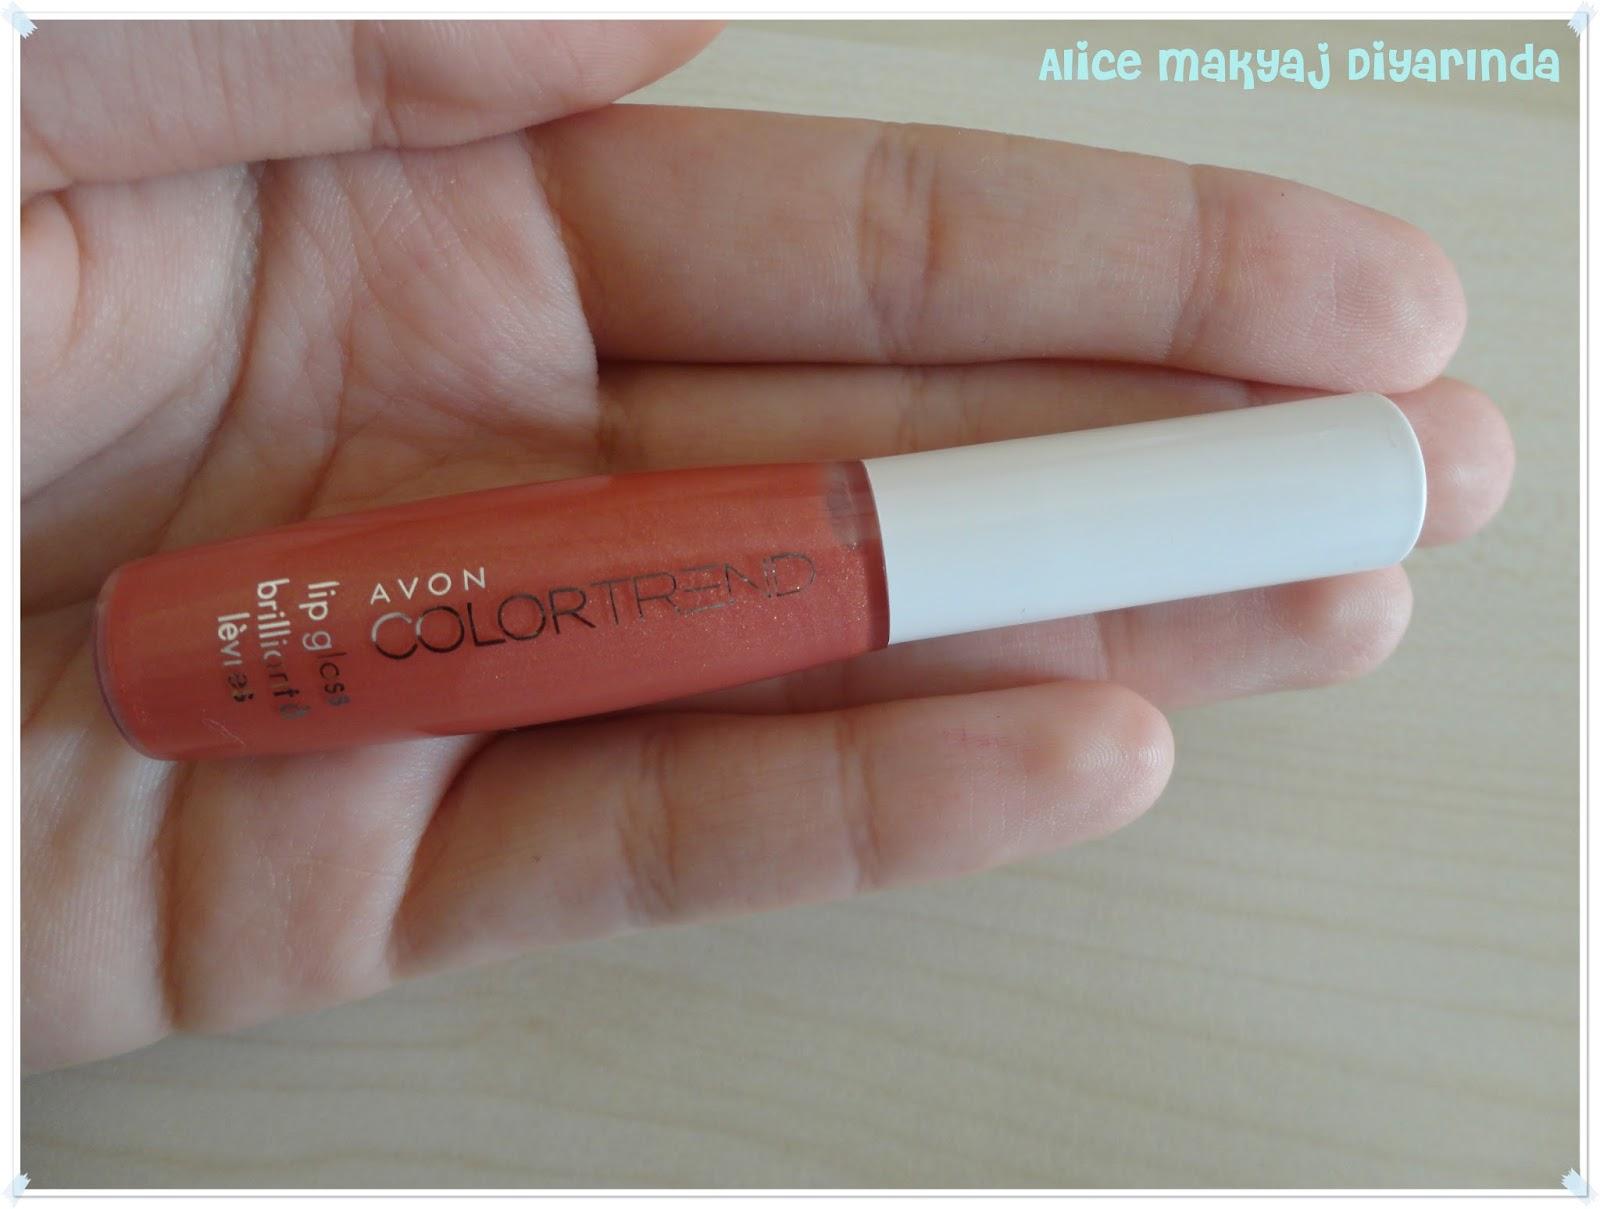 Avon Colortrend Dudak Parlatıcısı- Sunset